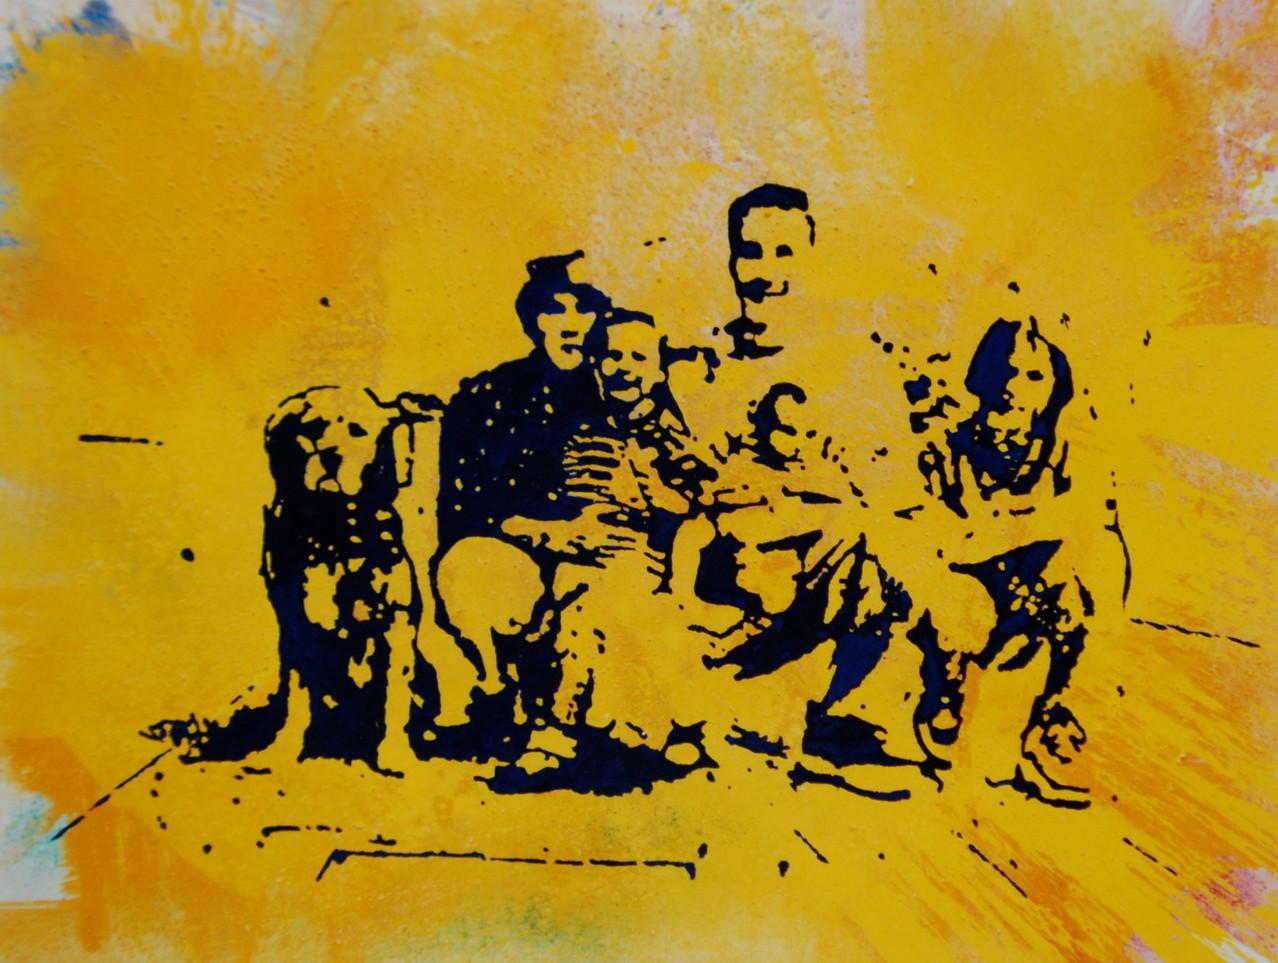 Familie S., 1997, 110 x 90, Privatsammlung